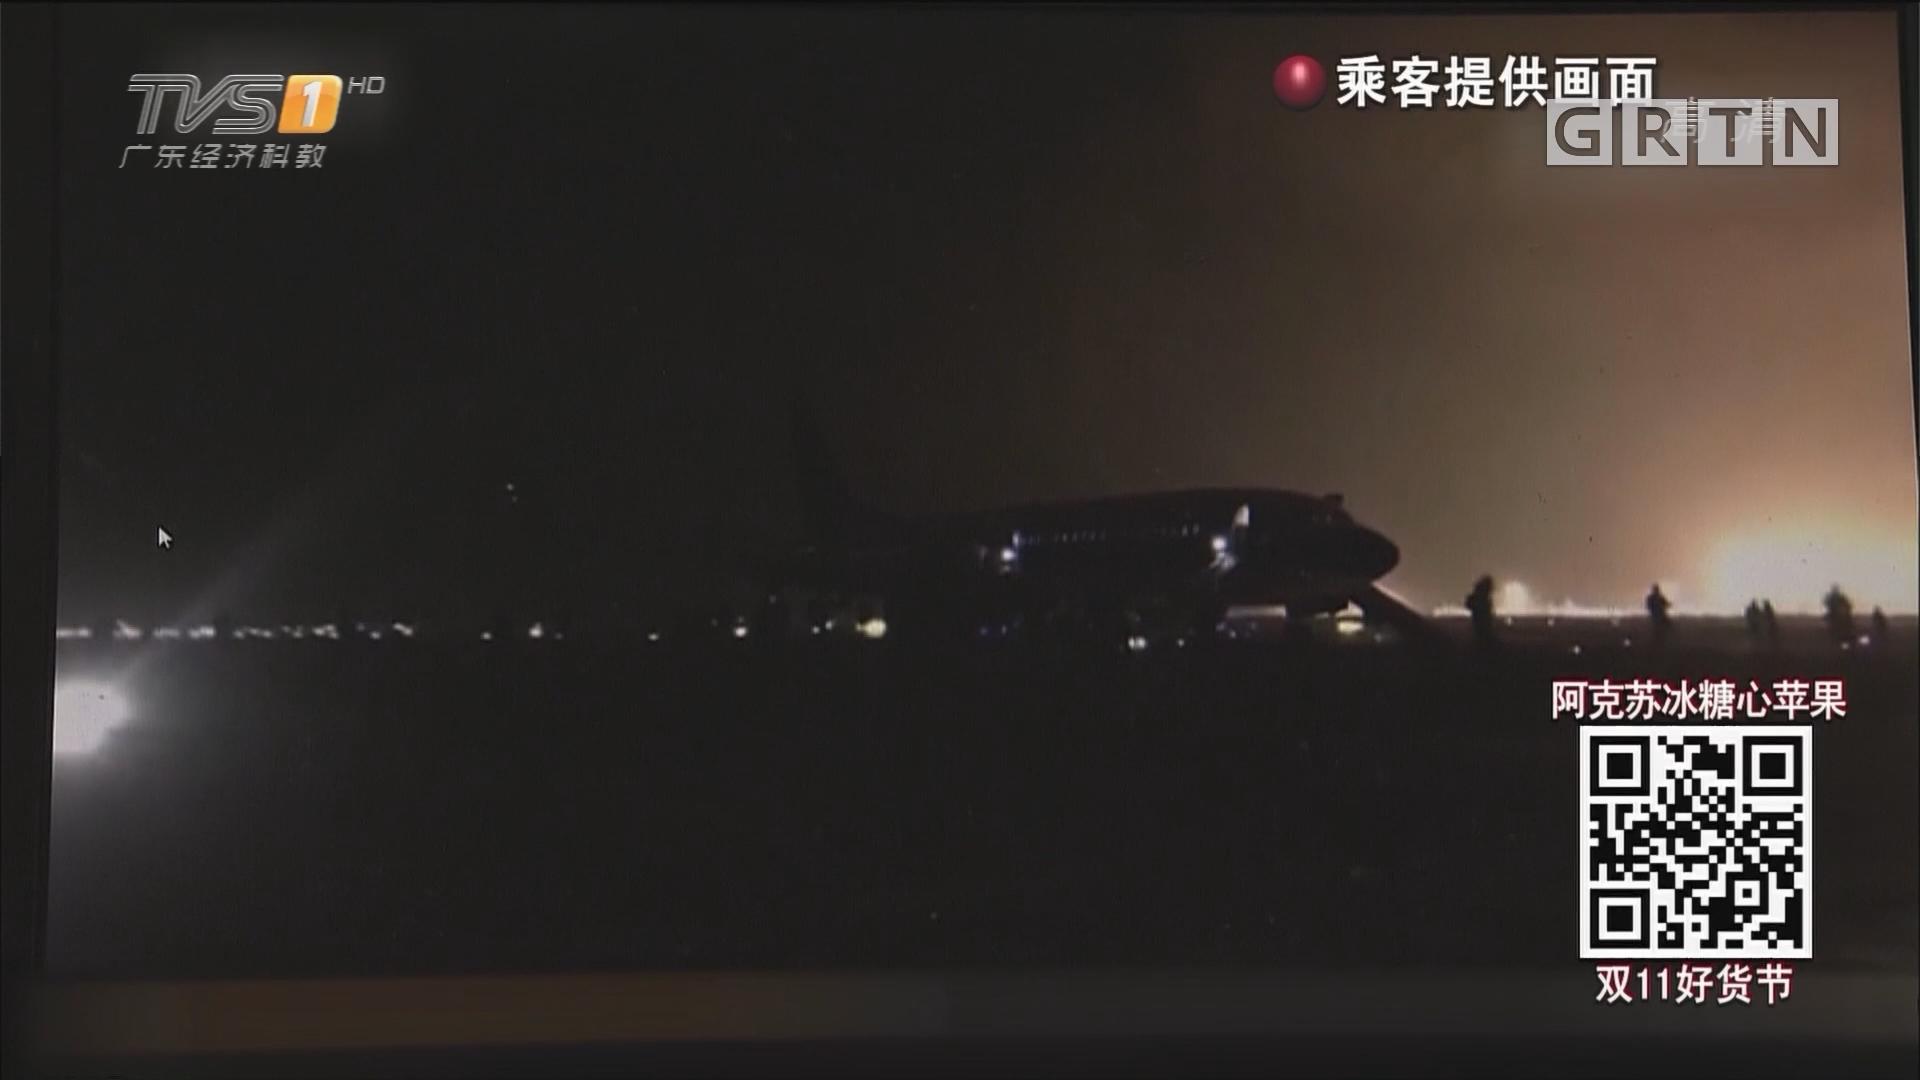 南航一客机报火警紧急备降 21分钟安全疏散百名乘客